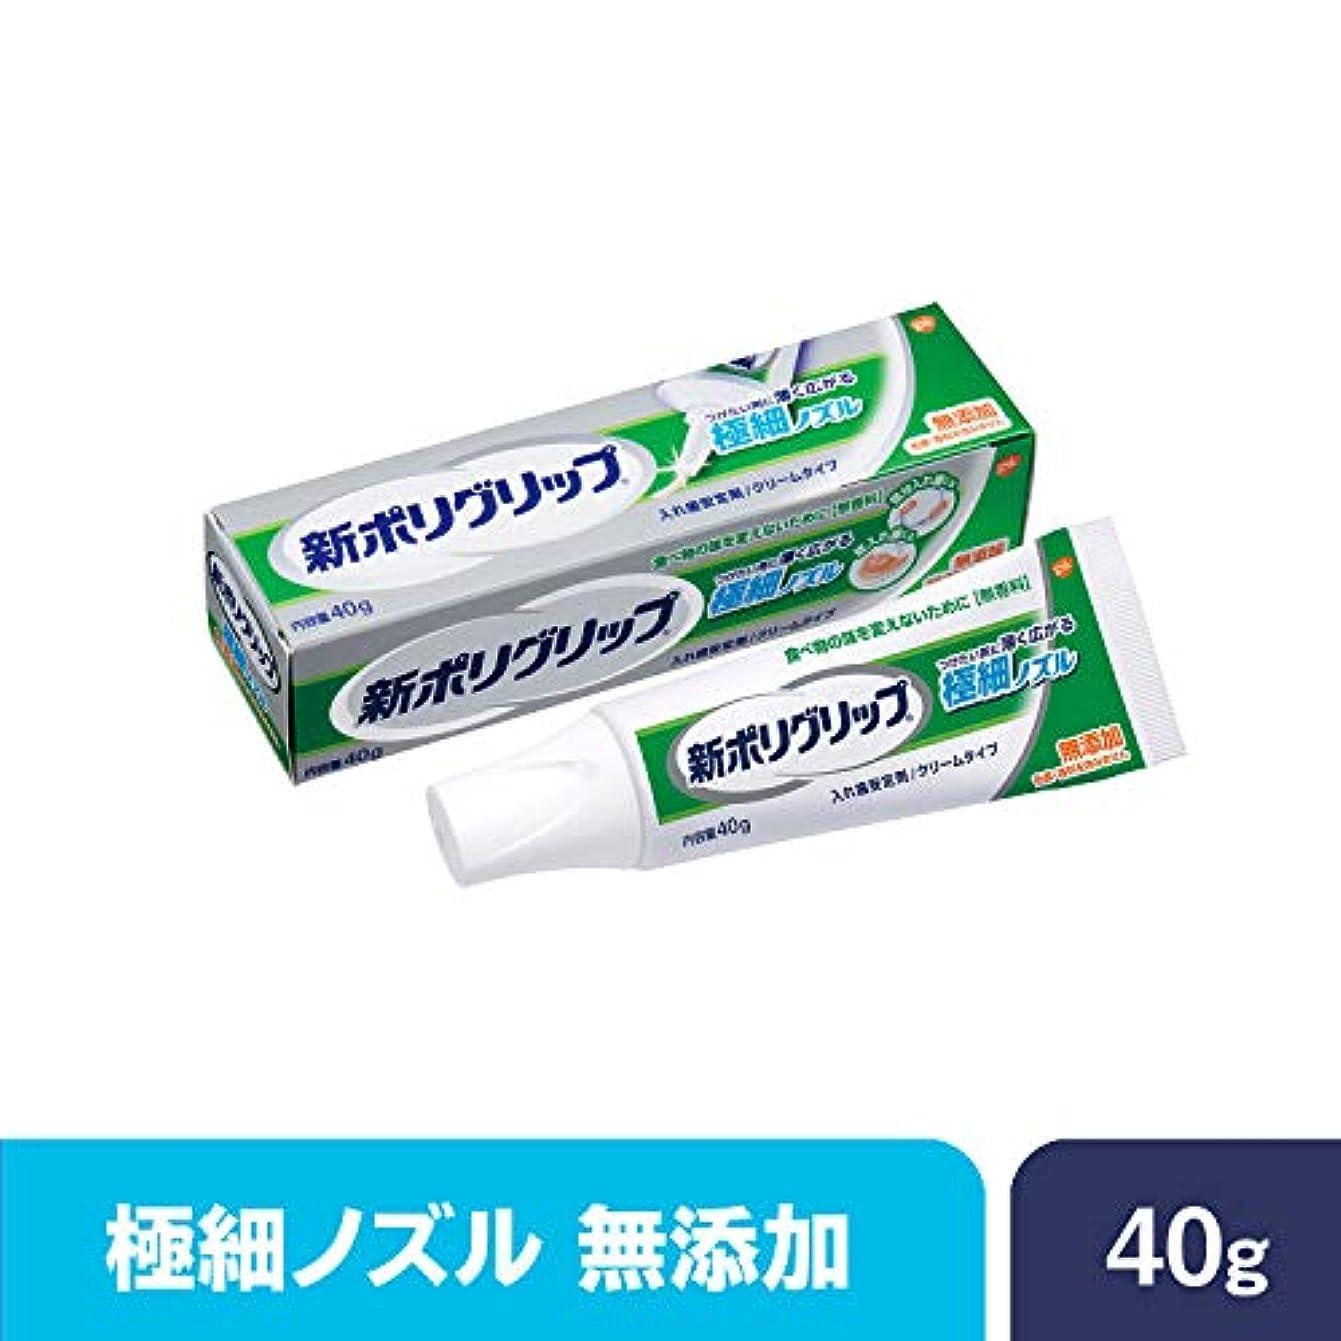 半径地下室処方する部分?総入れ歯安定剤 新ポリグリップ極細ノズル 無添加 40g